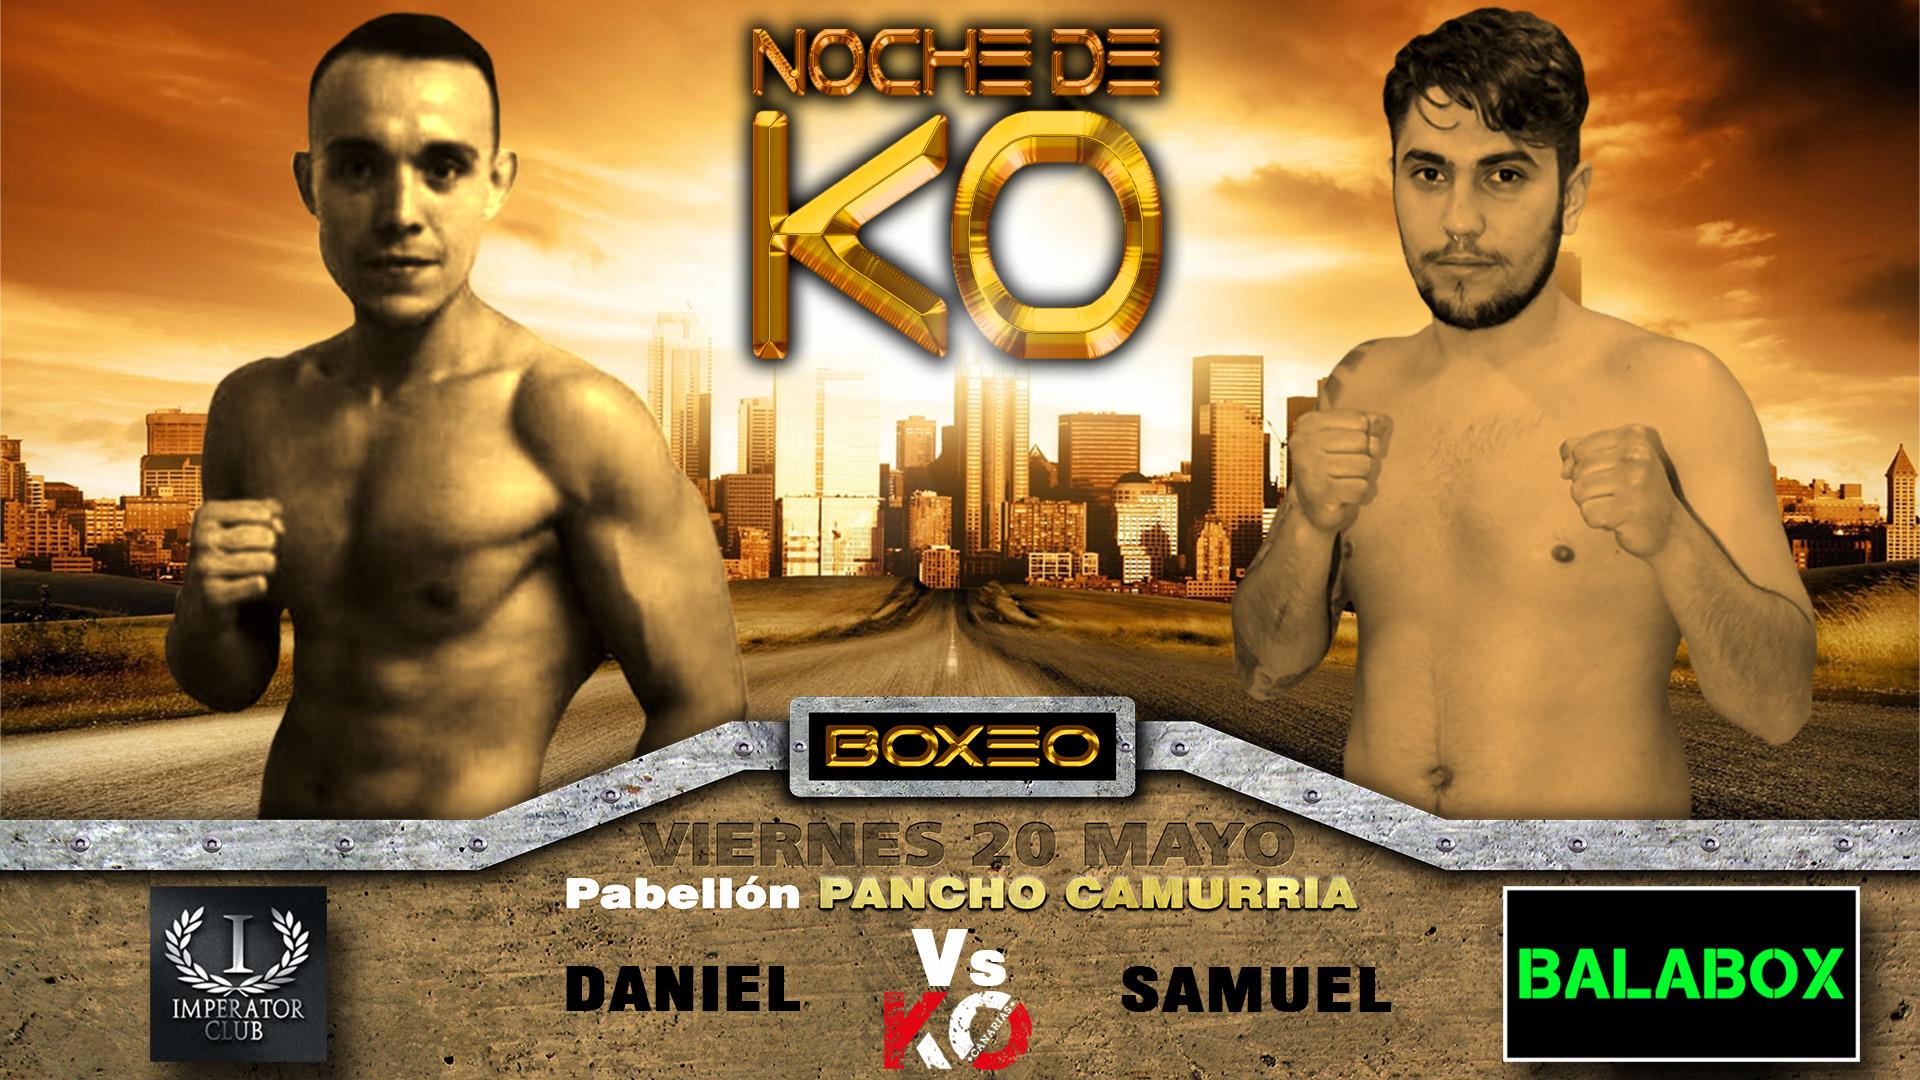 8- daniel vs samuel, noche de KO